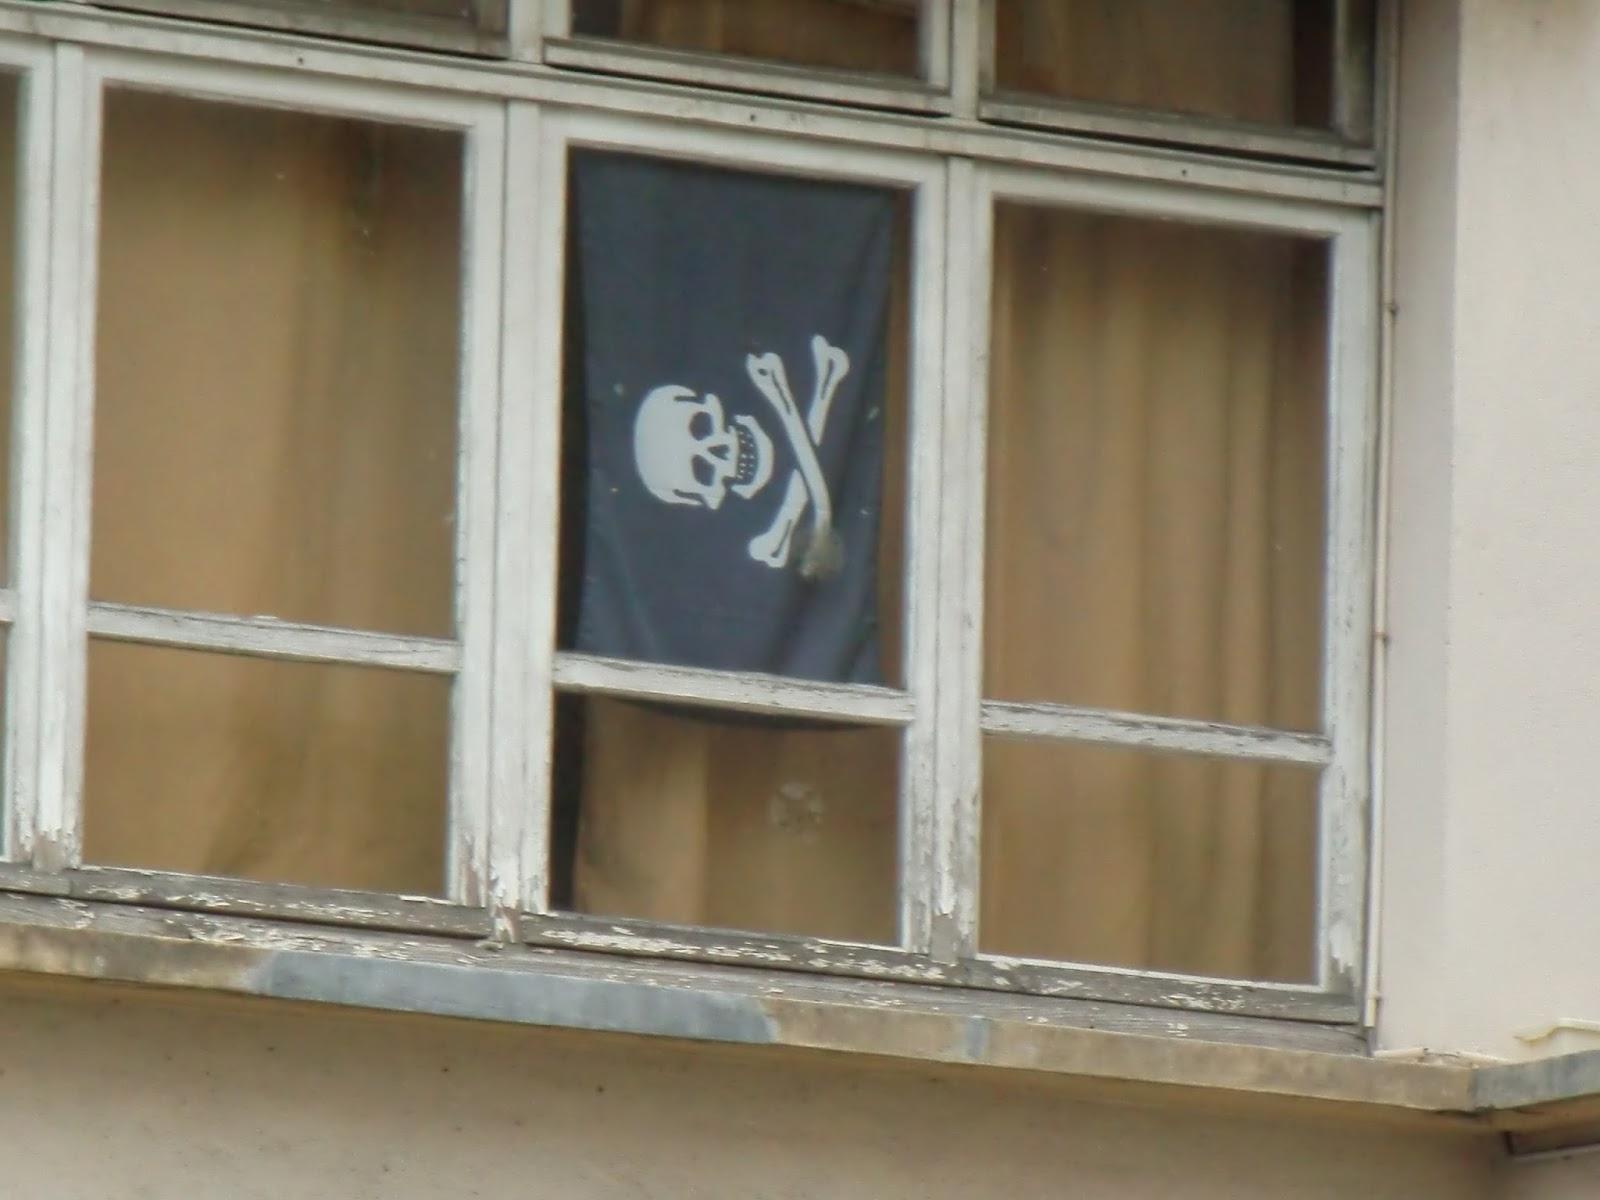 Promenade d 39 une fleur urbaine le drapeau noir aux for Fenetre urbaine